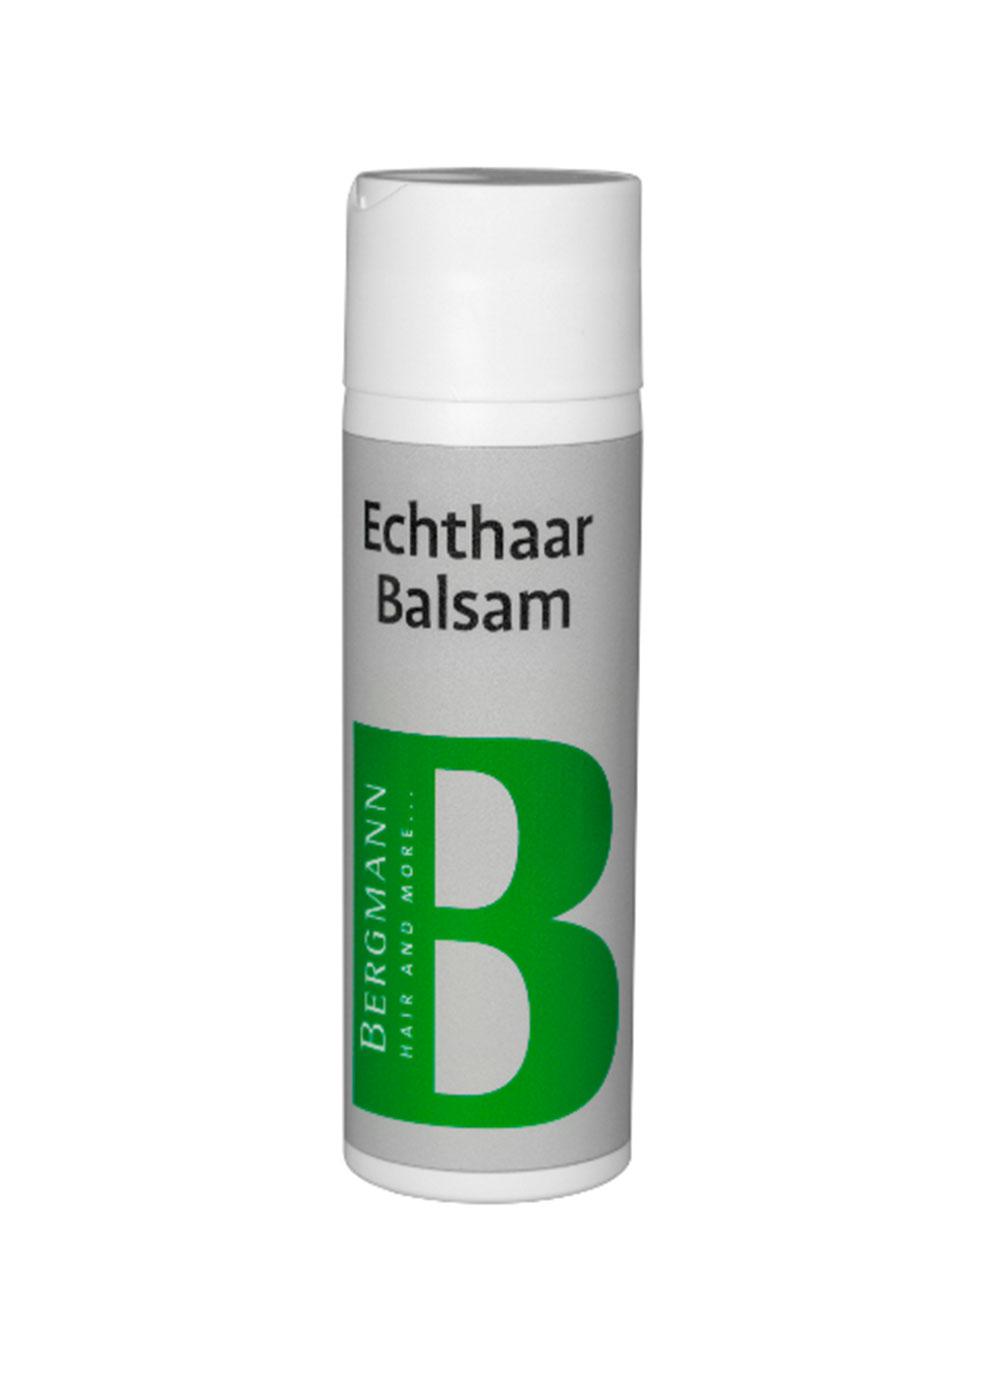 Bergmann Zubehör - Echthaar Balsam 200ml